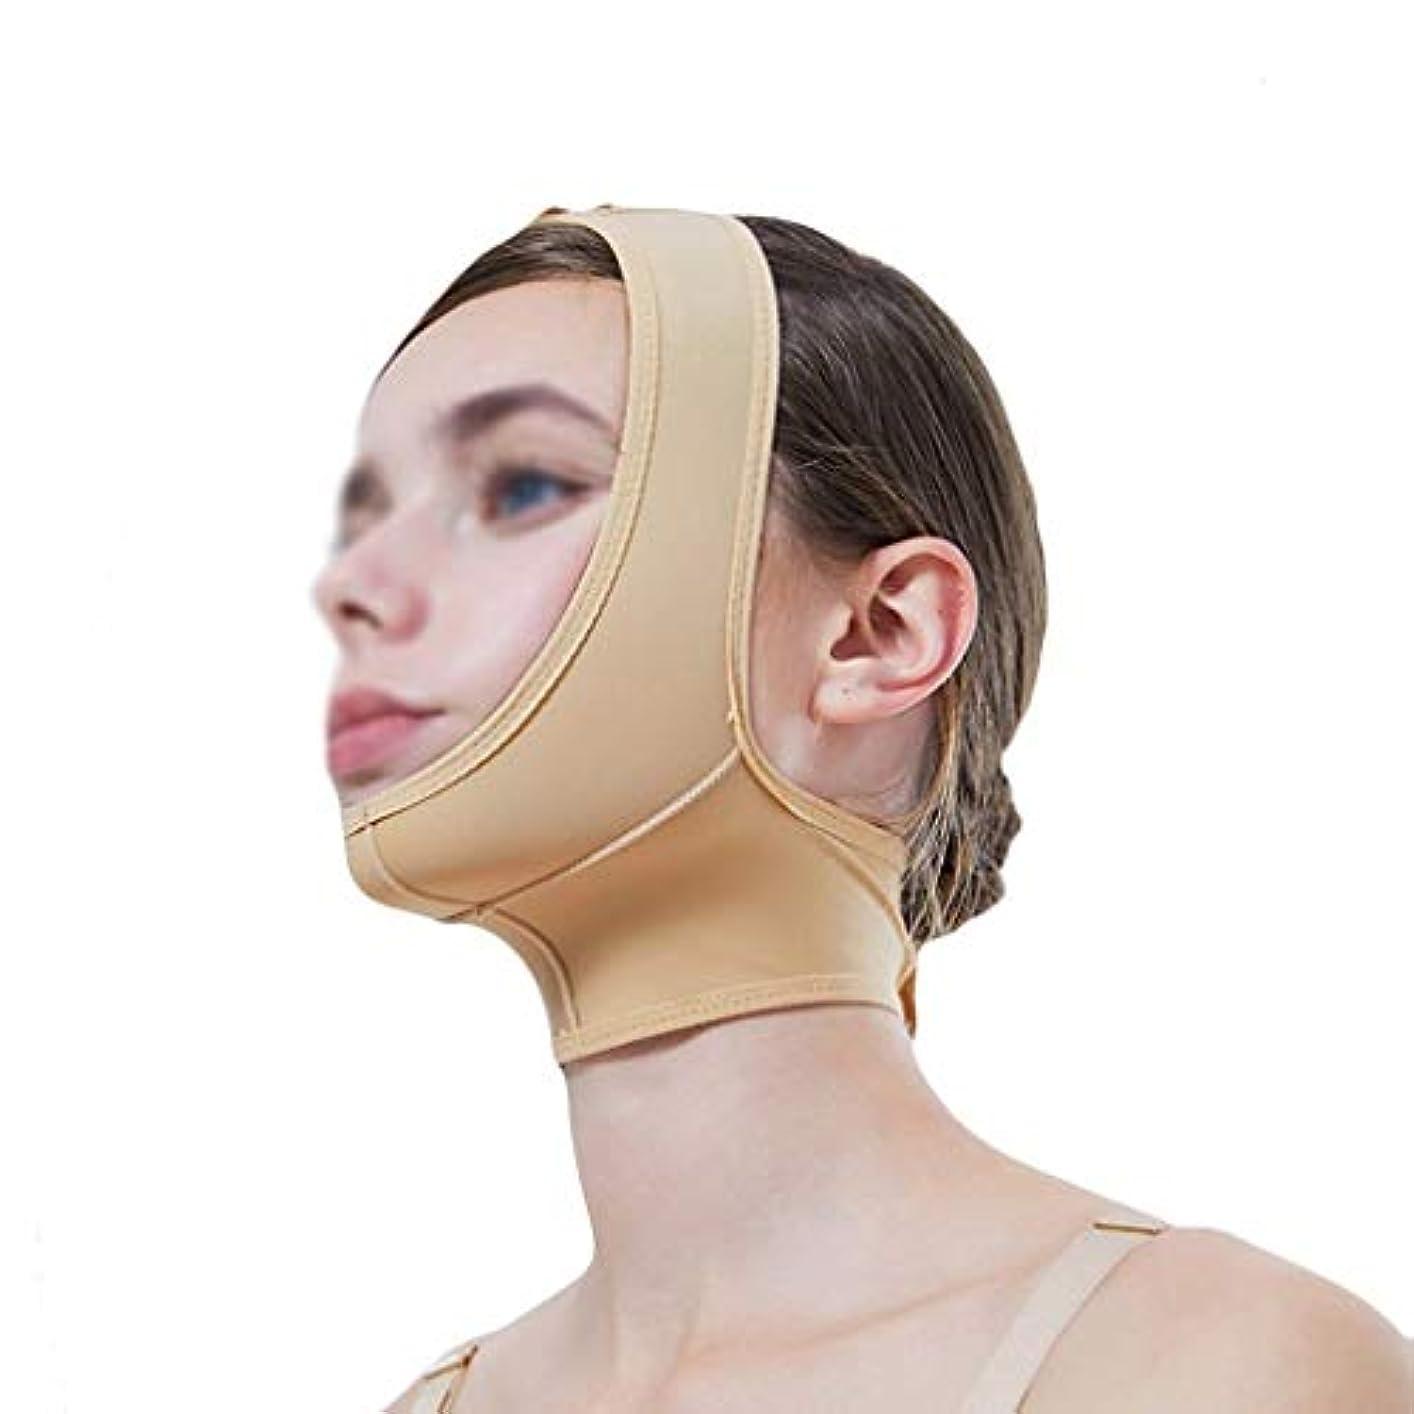 やりがいのあるゆりかご冷蔵するマスク、超薄型ベルト、フェイスリフティングに適し、フェイスリフティング、通気性包帯、あご取りベルト、超薄型ベルト、通気性(サイズ:XL),XL